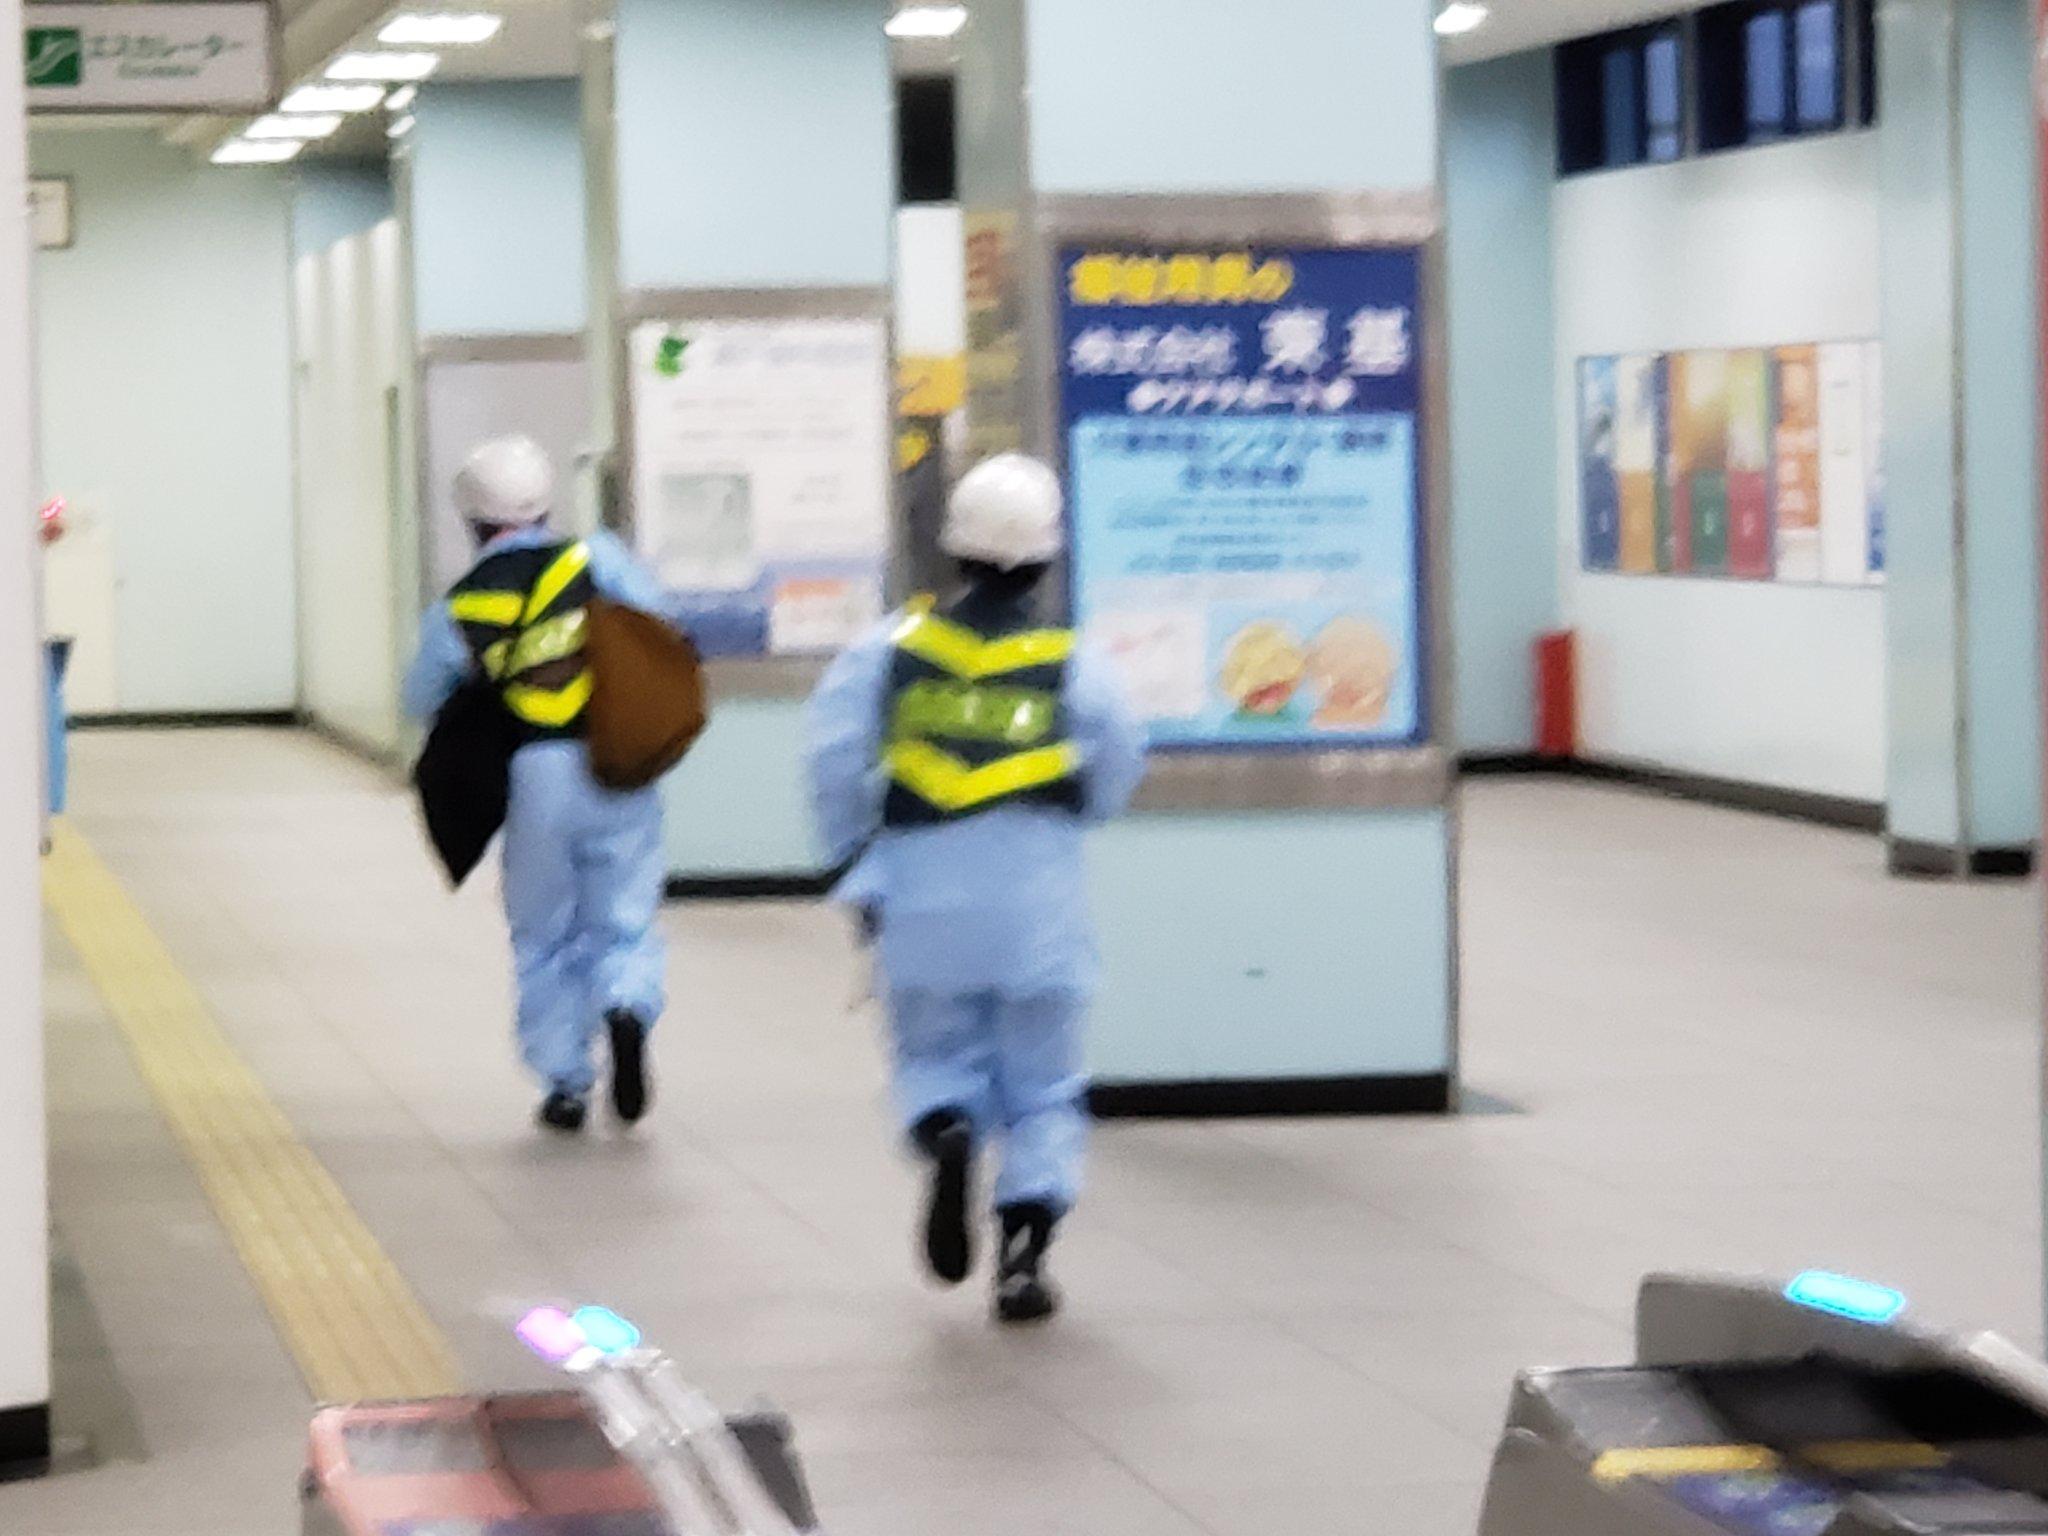 富士見台駅の人身事故の現場の様子の画像